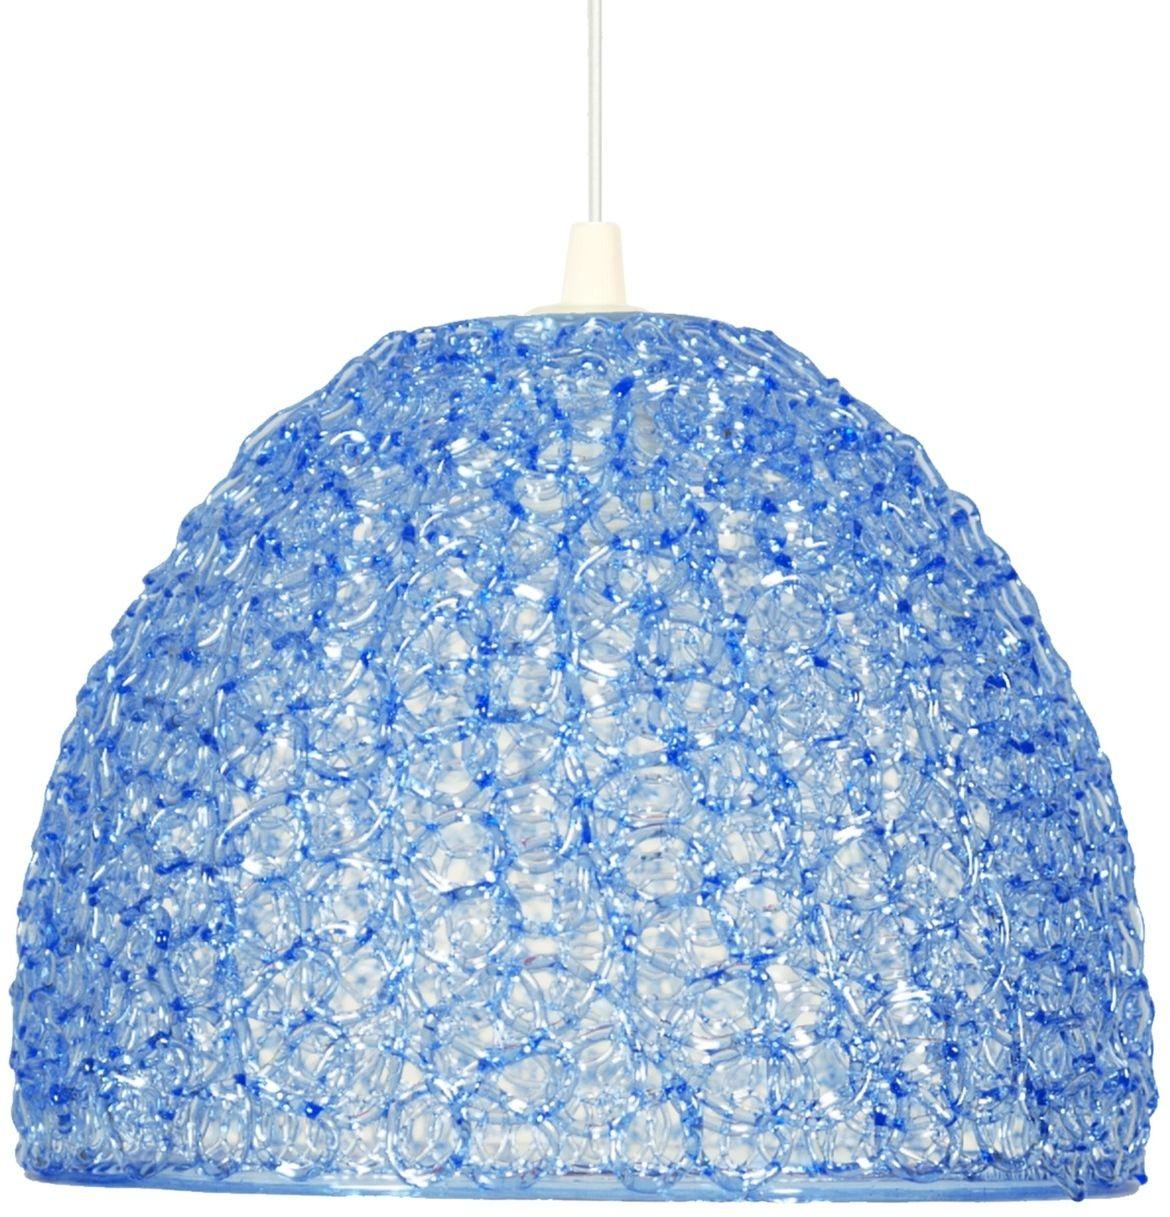 Candellux CANARIA 31-36646 lampa wisząca abażur z żyłki z tworzywa niebieski 1X60W E27 26 cm